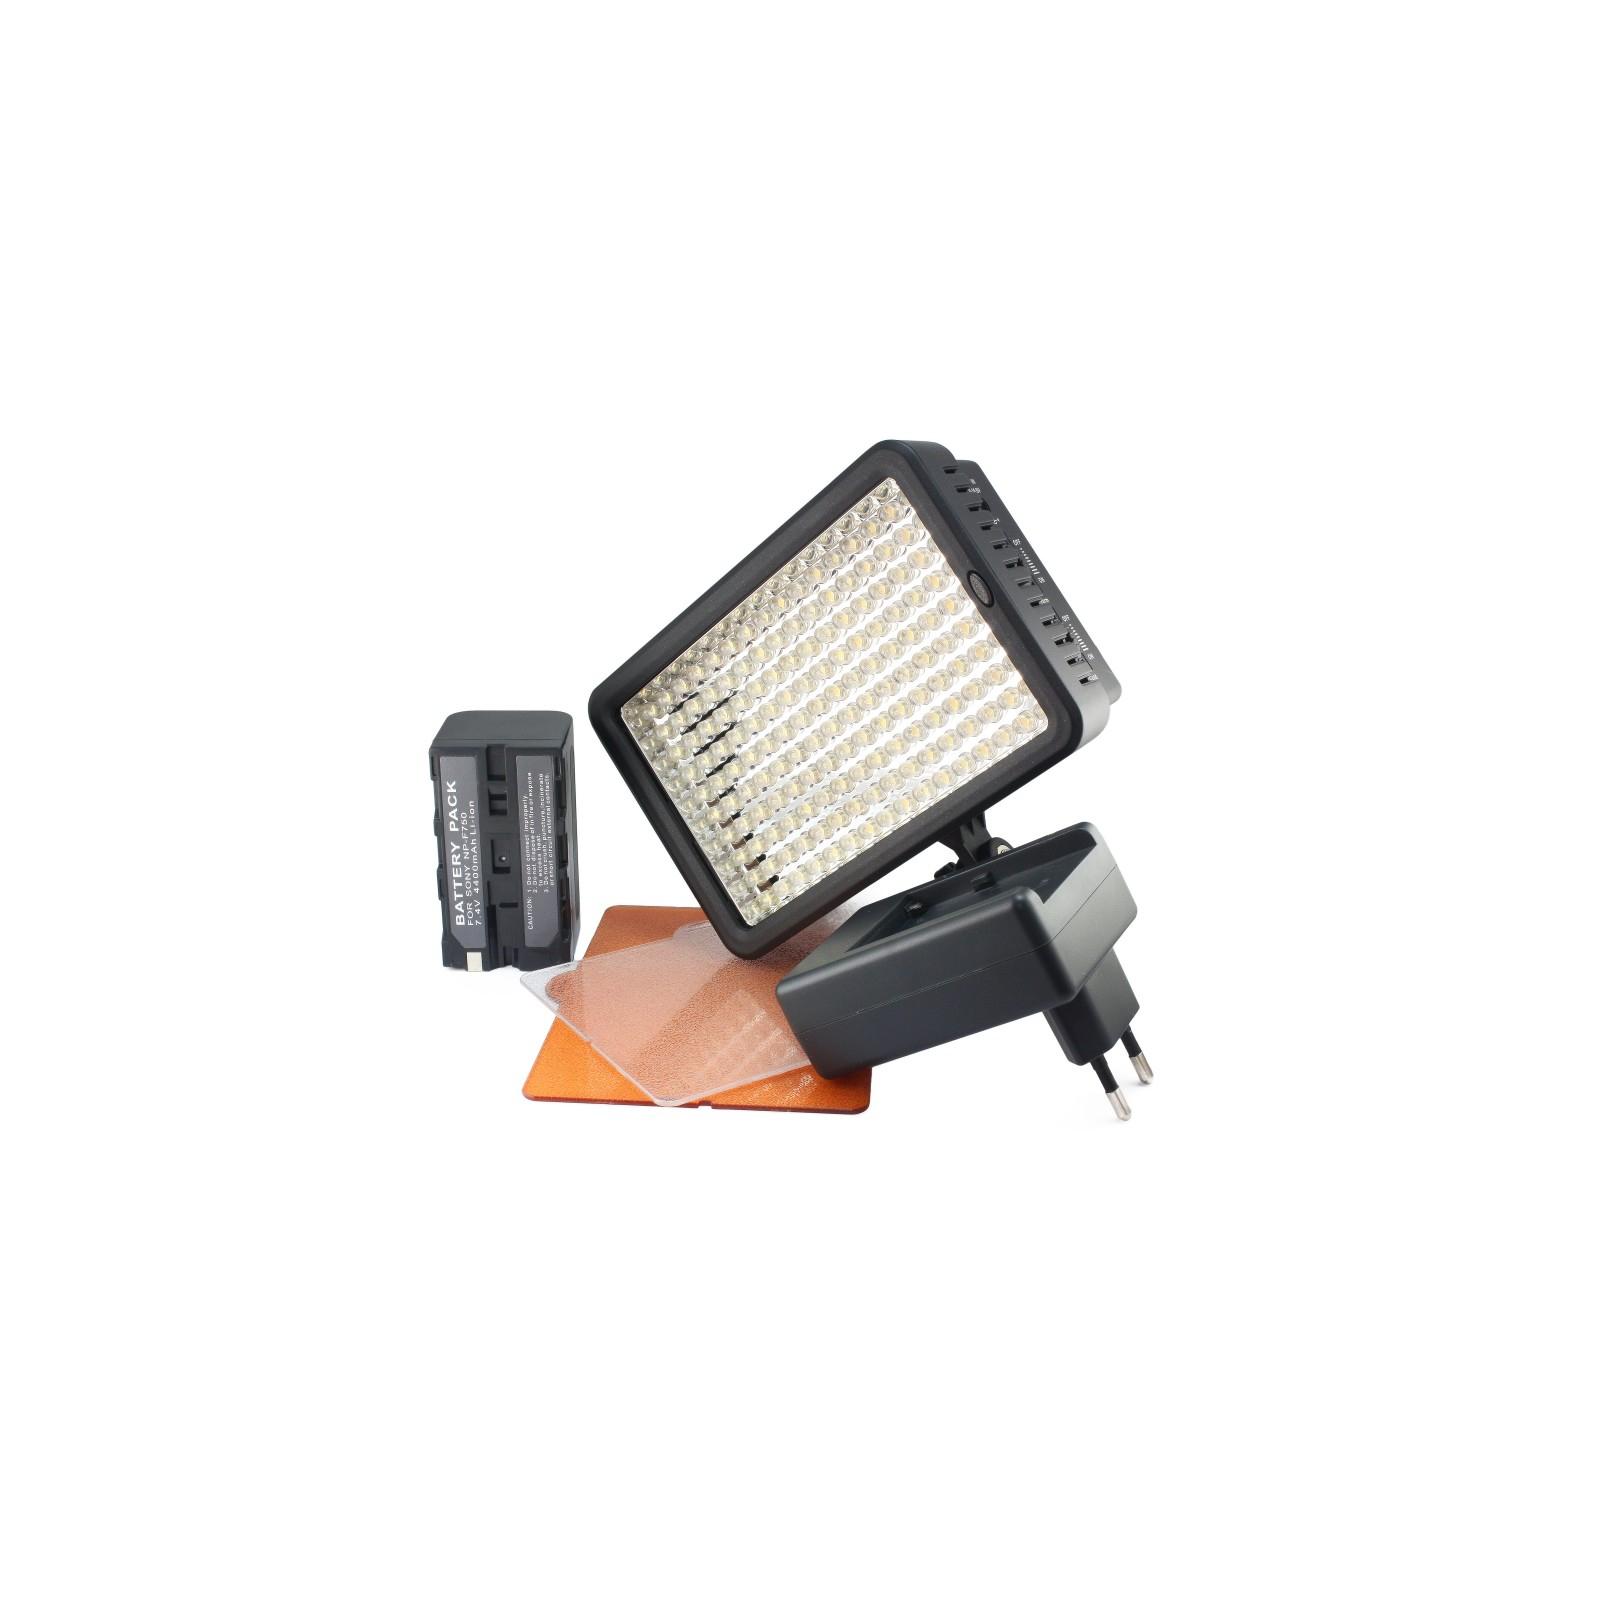 Вспышка EXTRADIGITAL Накамерный свет LED-5023 (LED00ED0005) изображение 5